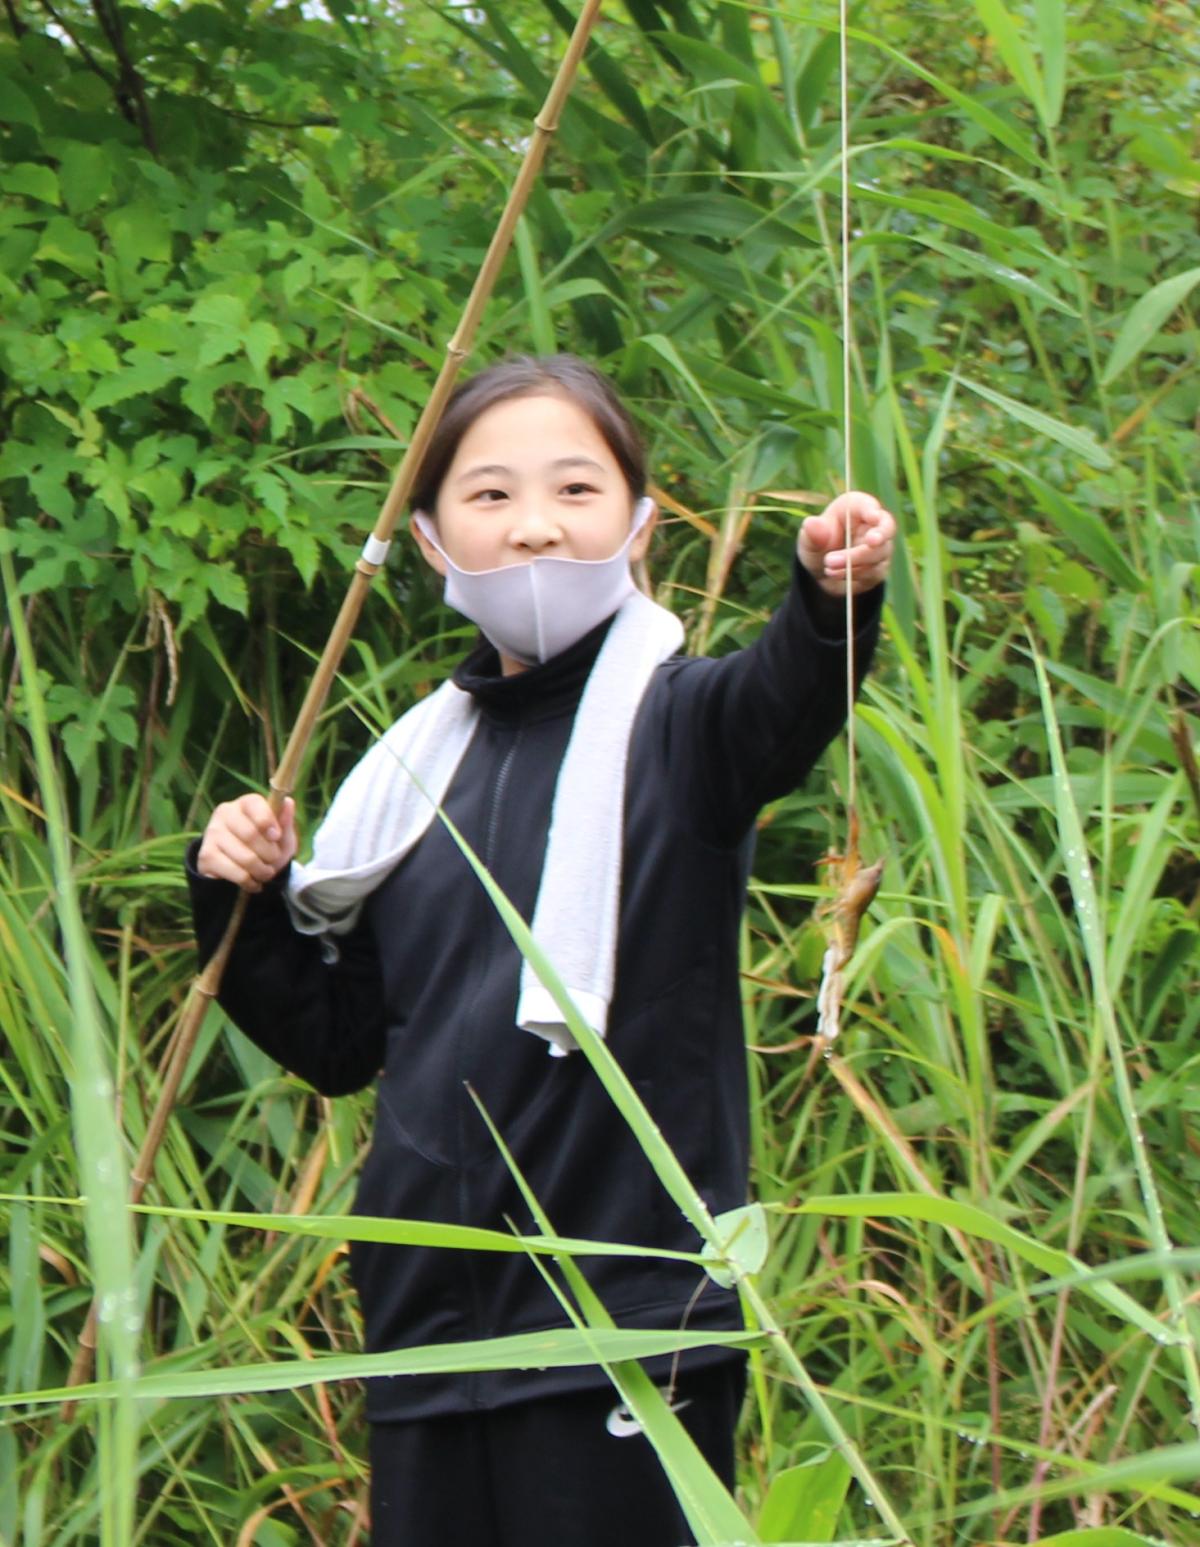 ザリガニが釣れて笑顔の小学生